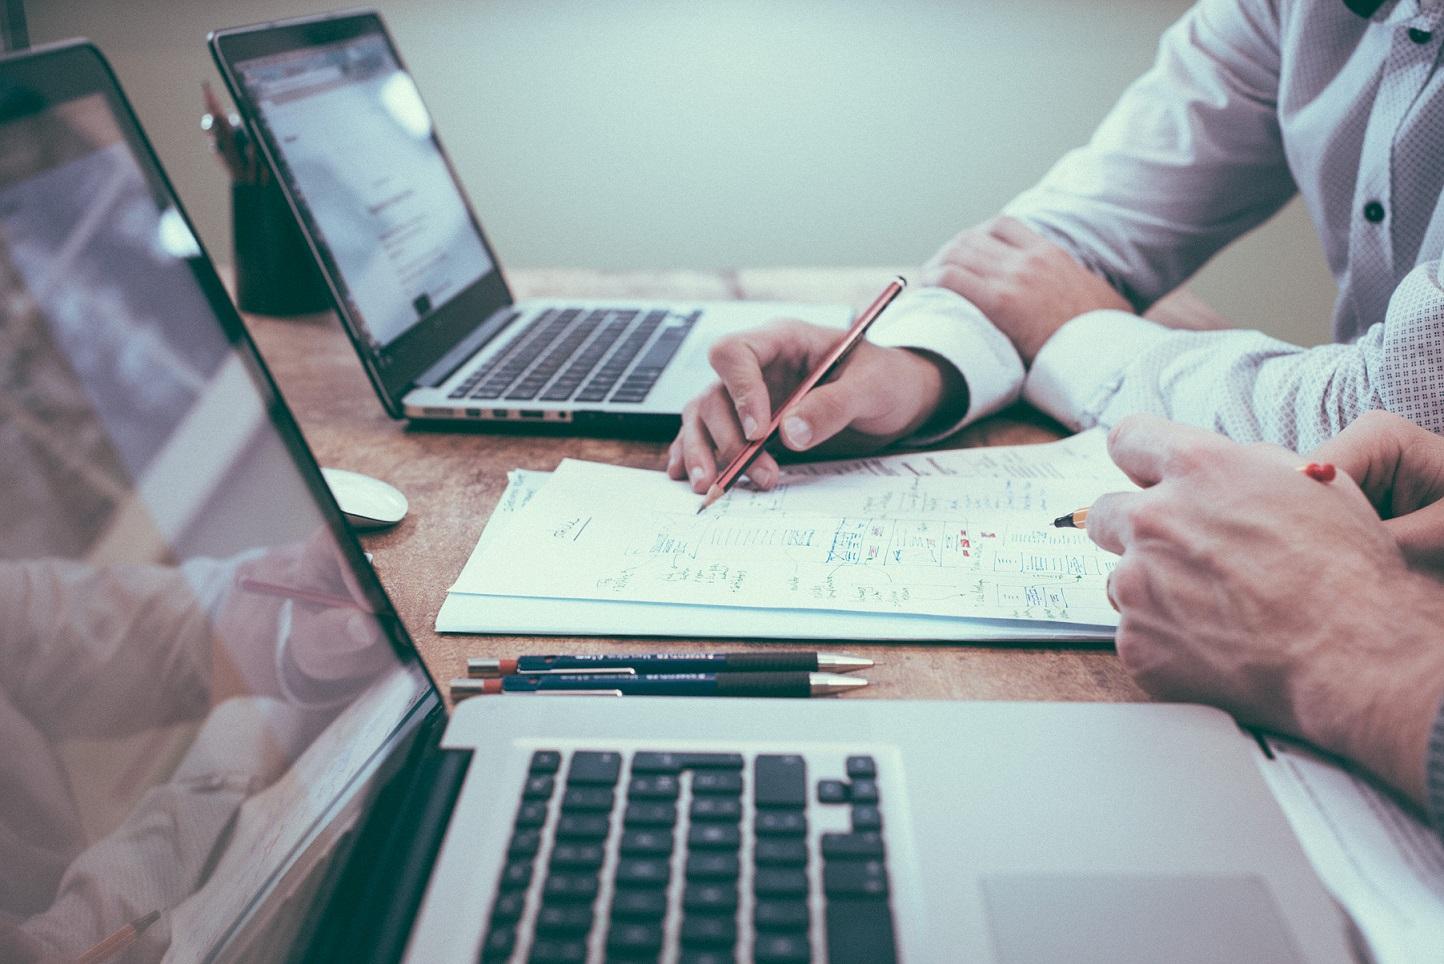 Czym jest fulfilment i dlaczego przydaje się w prowadzeniu biznesu? Brokerzy kurierscy